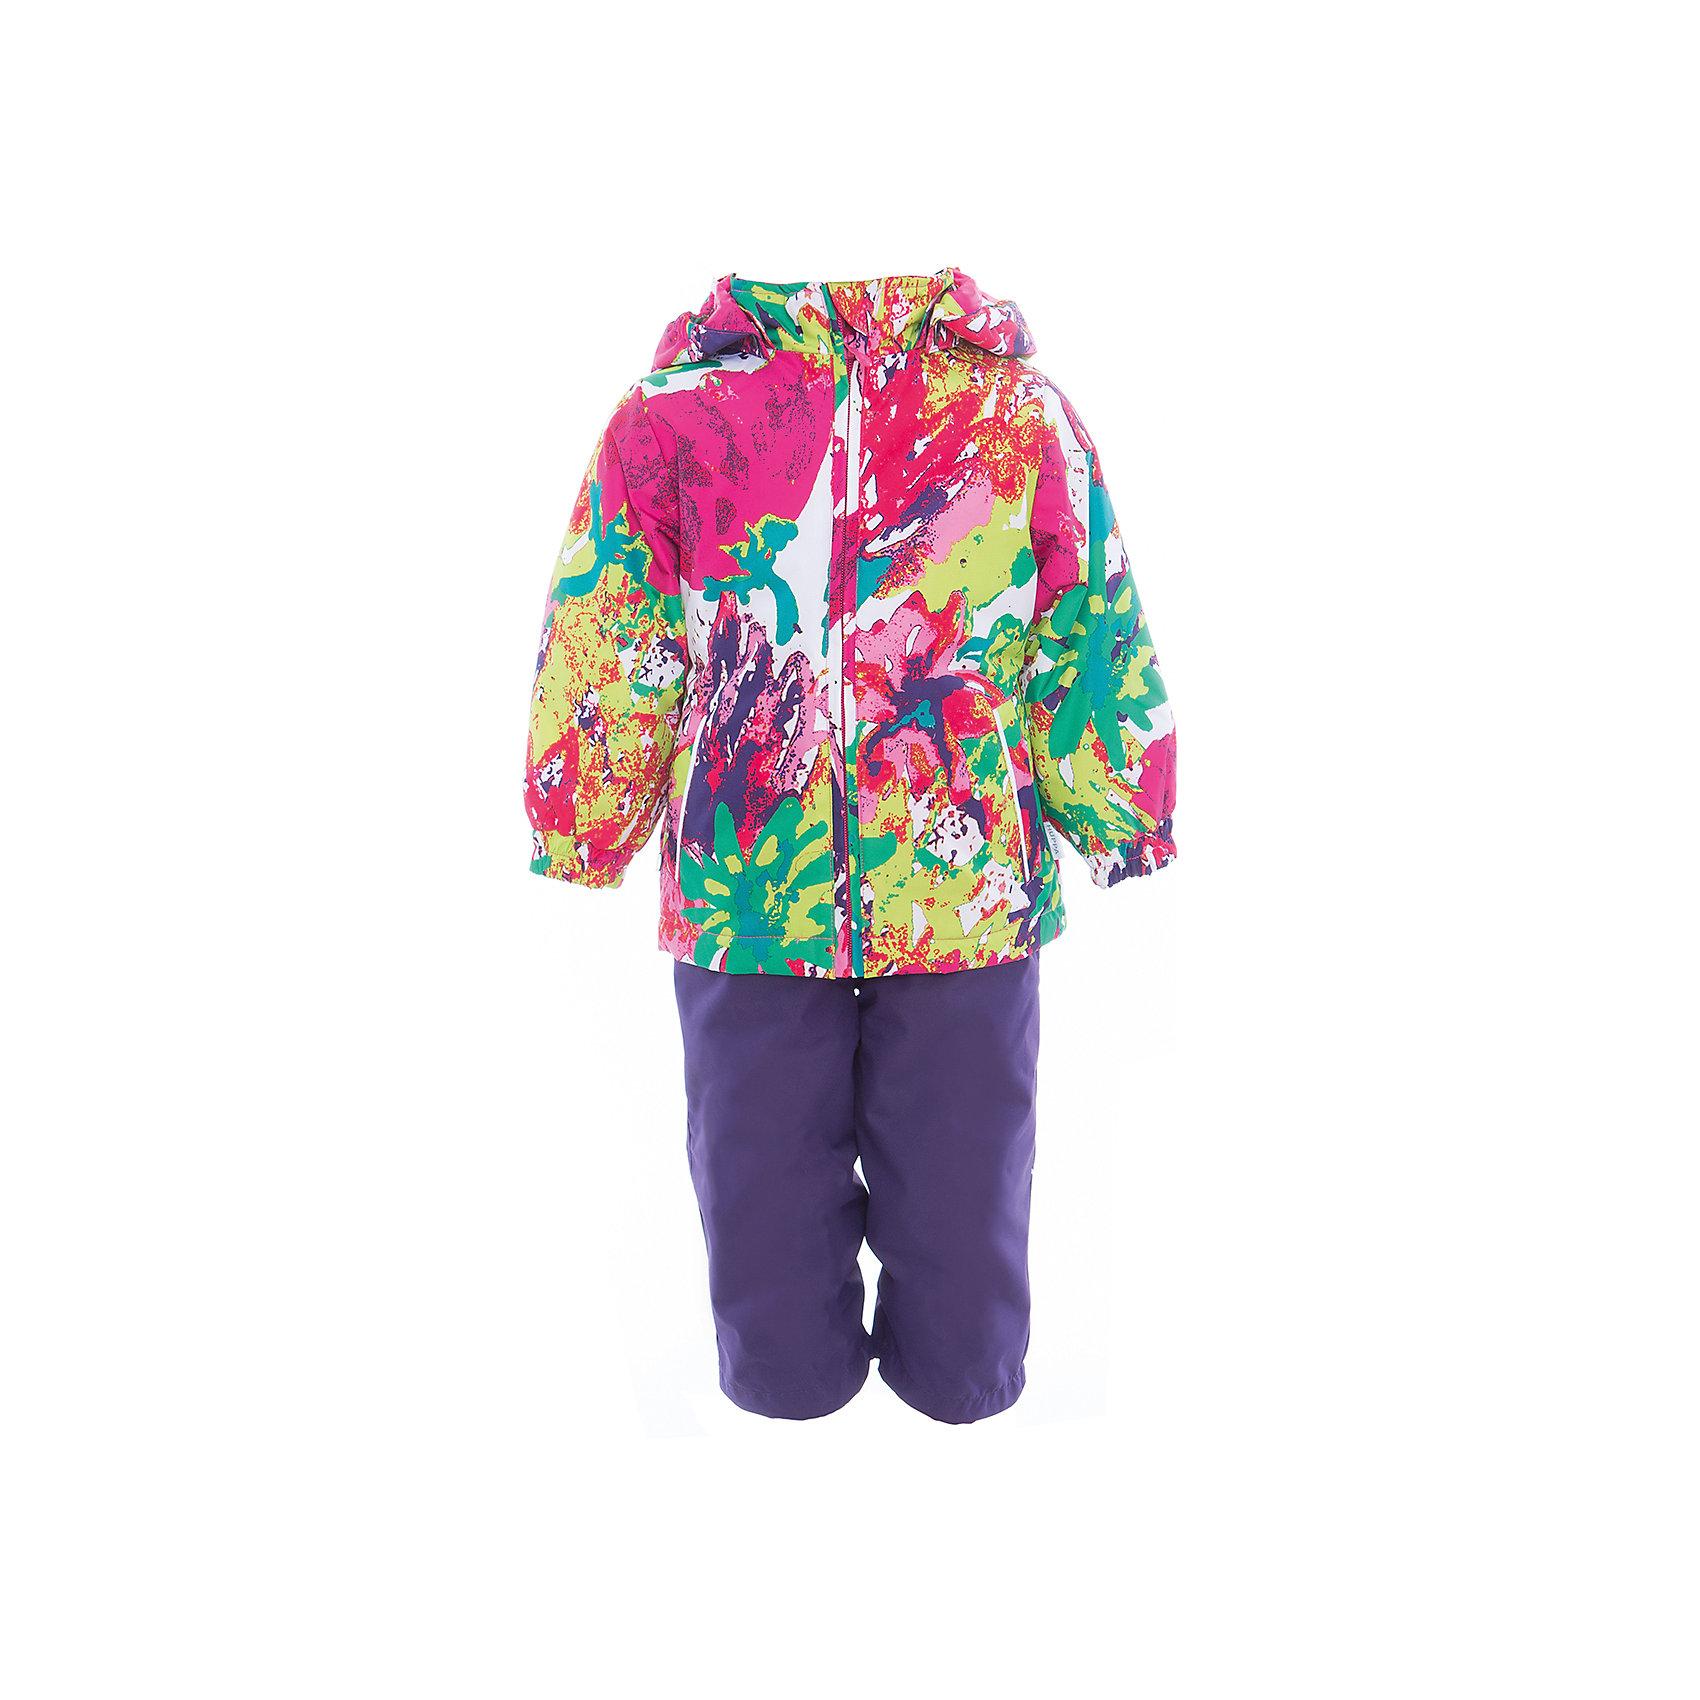 Комплект: куртка и полукомбинезон для девочки YONNE HuppaХарактеристики товара:<br><br>• цвет: мультиколор/тёмно-фиолетовый<br>• комплектация: куртка и полукомбинезон <br>• ткань: 100% полиэстер<br>• подкладка: тафта - 100% полиэстер<br>• утеплитель: куртка и полукомбинезон - 100% полиэстер 100 г.<br>• температурный режим: от -5°С до +10°С<br>• водонепроницаемость: верх - 5000 мм, низ - 10000 мм<br>• воздухопроницаемость: верх - 5000 мм, низ - 10000 мм<br>• светоотражающие детали<br>• шов сидения проклеен<br>• съёмный капюшон с резинкой<br>• защита подбородка от молнии<br>• эластичные манжеты на рукавах<br>• регулируемый низ брючин<br>• эластичный шнур с фиксатором внизу брючин<br>• без внутренних швов<br>• резиновые подтяжки<br>• коллекция: весна-лето 2017<br>• страна бренда: Эстония<br><br>Такой модный демисезонный комплект  обеспечит детям тепло и комфорт. Он сделан из материала, отталкивающего воду, и дополнен подкладкой с утеплителем, поэтому изделие идеально подходит для межсезонья. Материал изделий - с мембранной технологией: защищая от влаги и ветра, он легко выводит лишнюю влагу наружу. Комплект очень симпатично смотрится. <br><br>Одежда и обувь от популярного эстонского бренда Huppa - отличный вариант одеть ребенка можно и комфортно. Вещи, выпускаемые компанией, качественные, продуманные и очень удобные. Для производства изделий используются только безопасные для детей материалы. Продукция от Huppa порадует и детей, и их родителей!<br><br>Комплект: куртка и полукомбинезон YONNE от бренда Huppa (Хуппа) можно купить в нашем интернет-магазине.<br><br>Ширина мм: 356<br>Глубина мм: 10<br>Высота мм: 245<br>Вес г: 519<br>Цвет: белый<br>Возраст от месяцев: 72<br>Возраст до месяцев: 84<br>Пол: Женский<br>Возраст: Детский<br>Размер: 122,80,86,92,98,104,110,116<br>SKU: 5346645